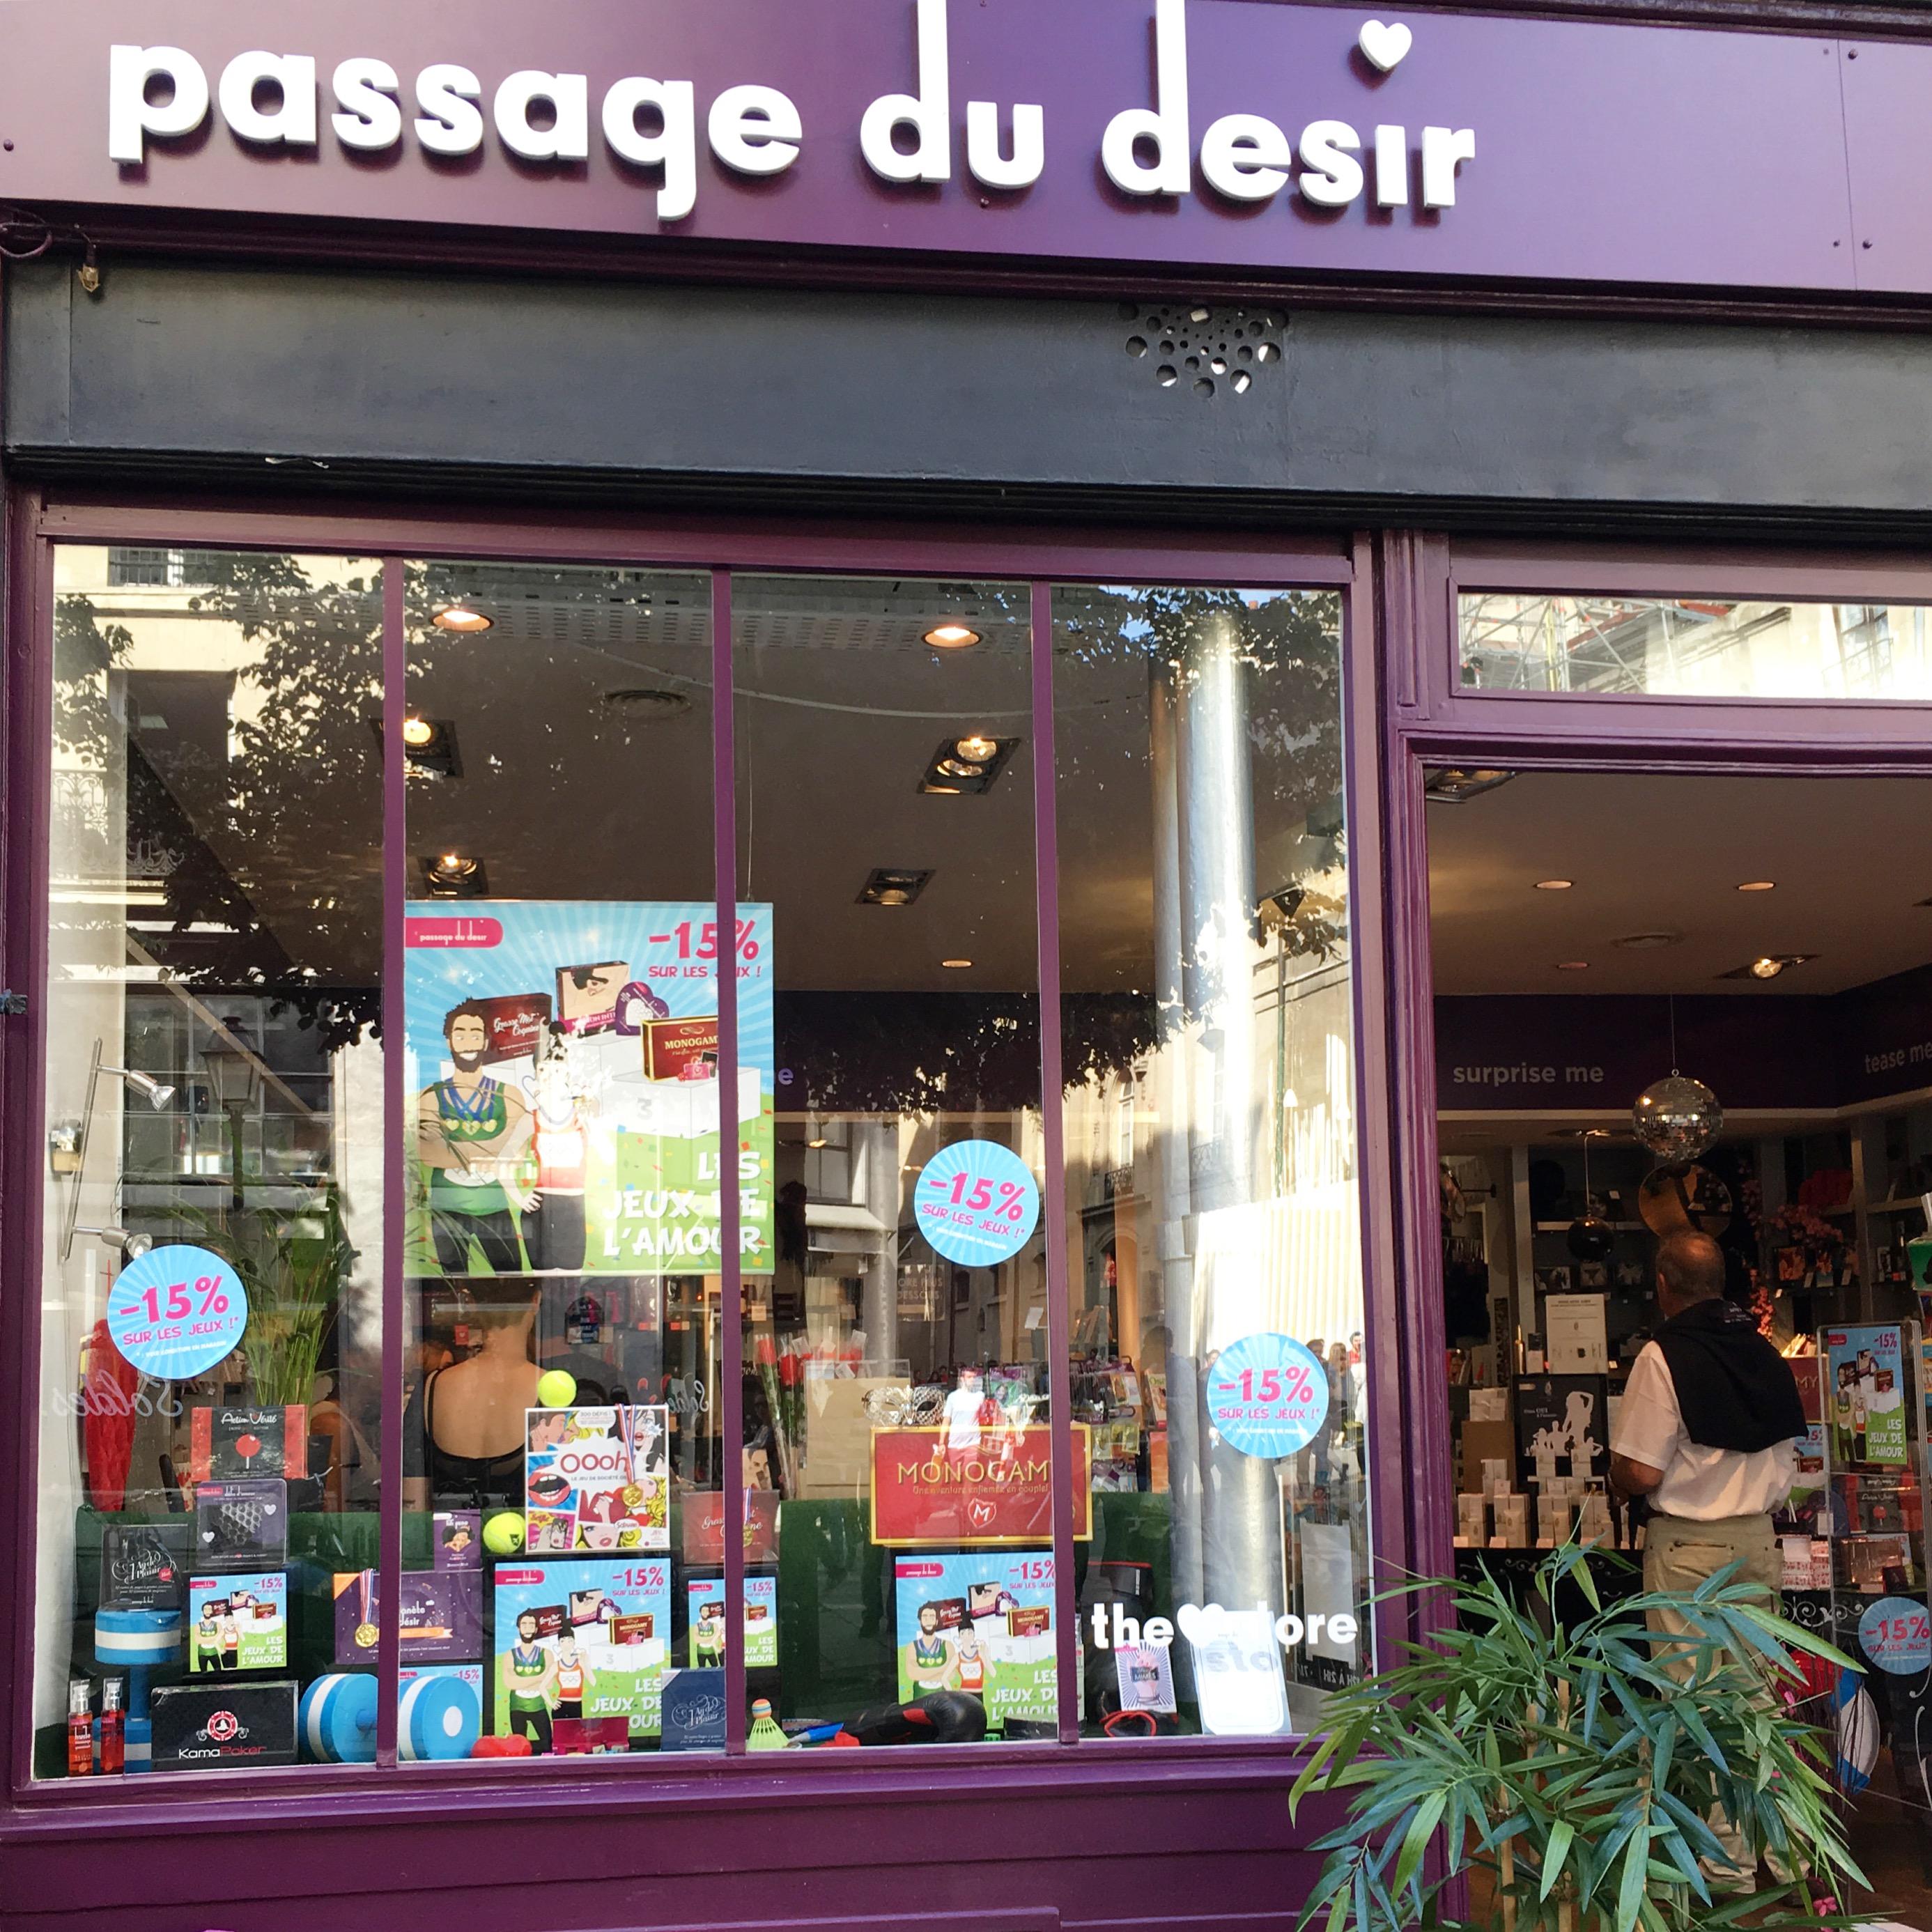 Passage du Désir Vitrine Paris - Secrets de coquines